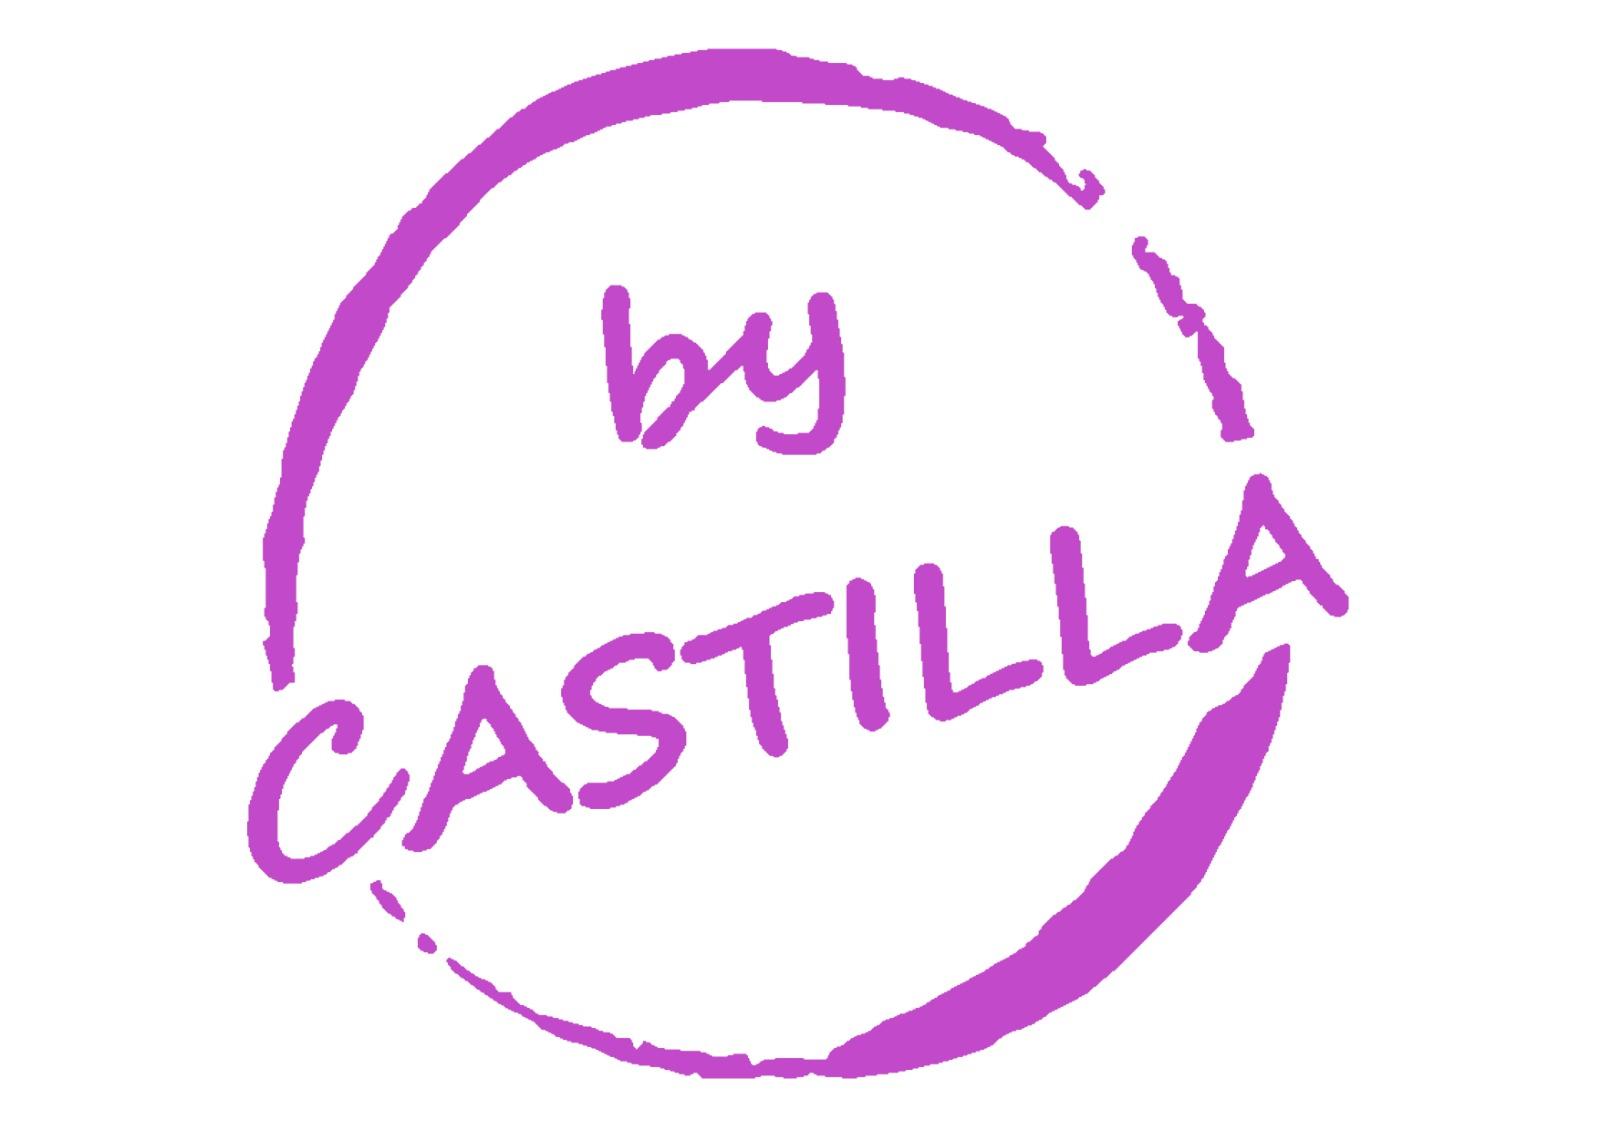 by castilla